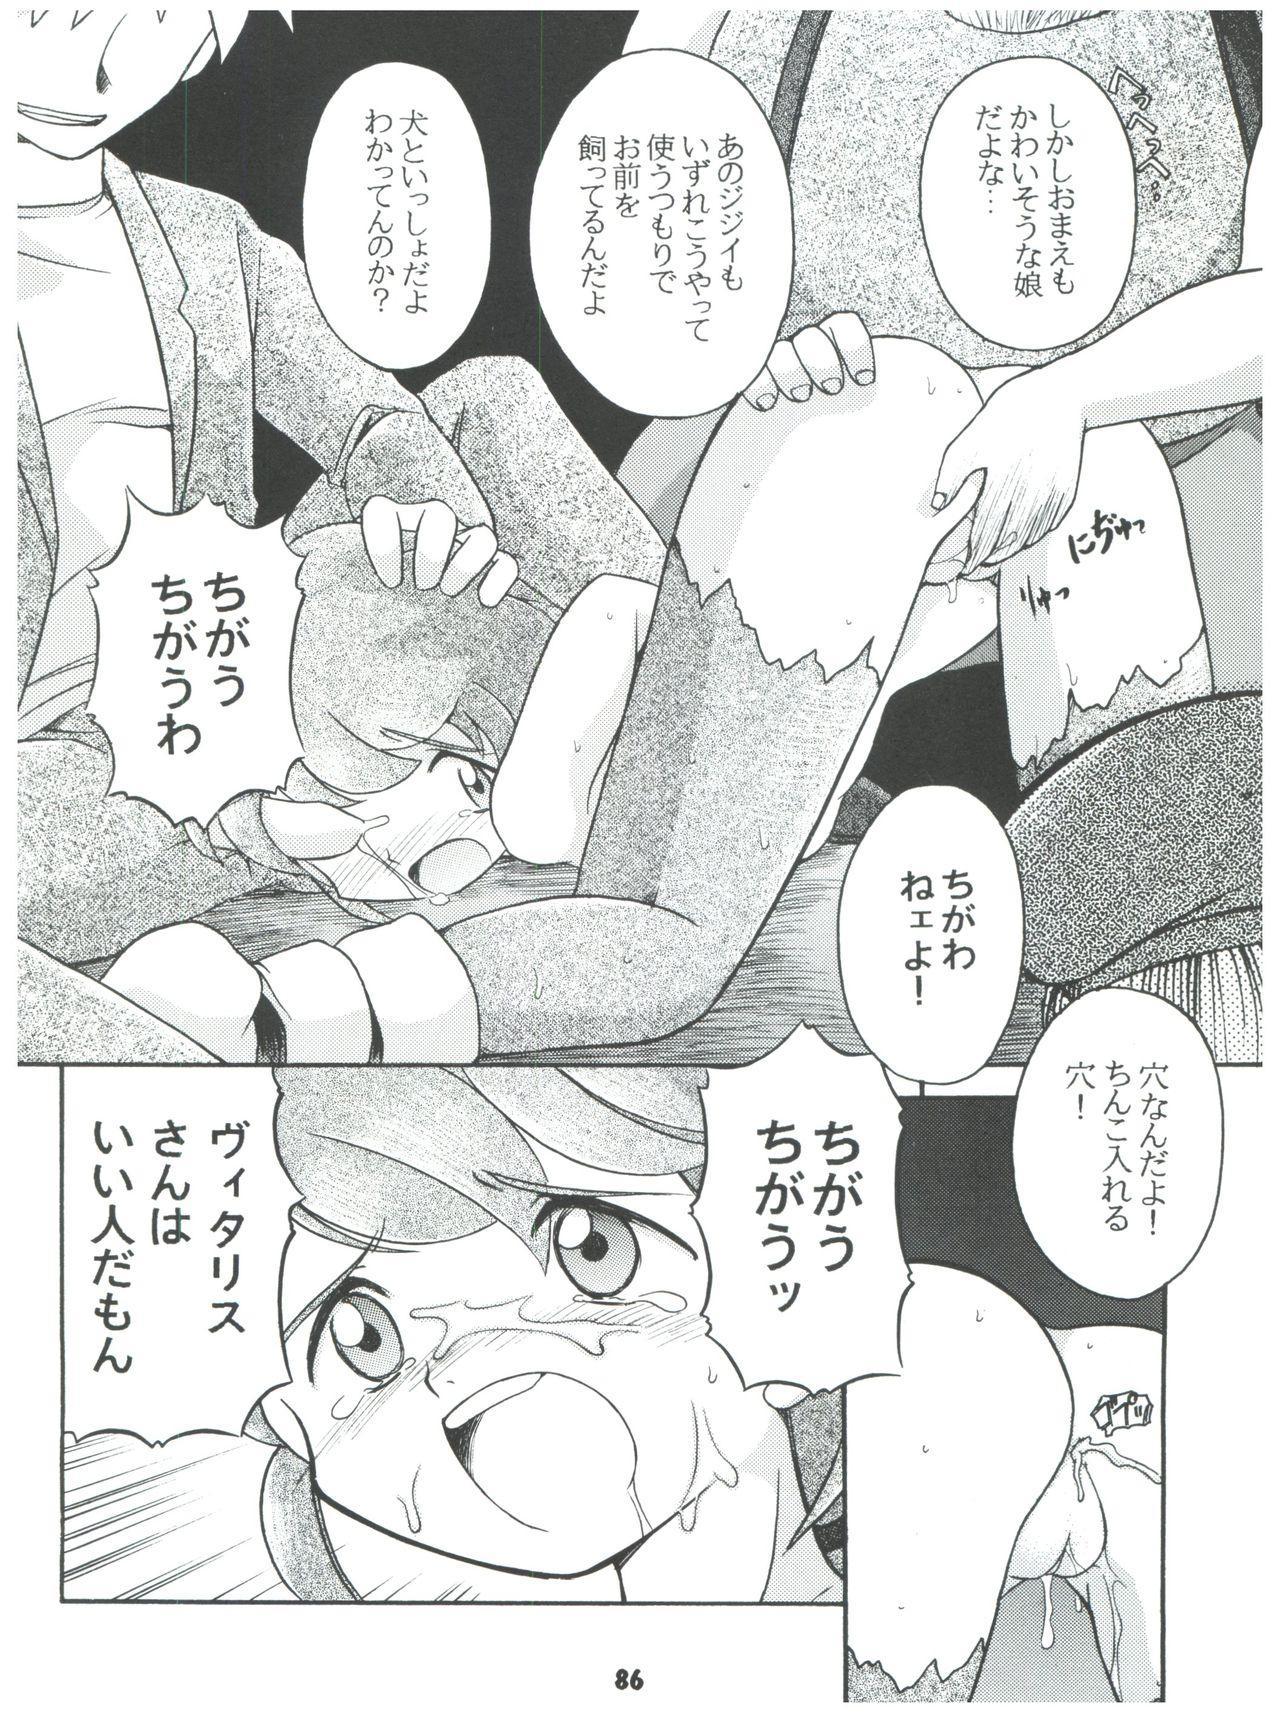 [Sairo Publishing (J. Sairo) En-Jack 2 (Various) 85